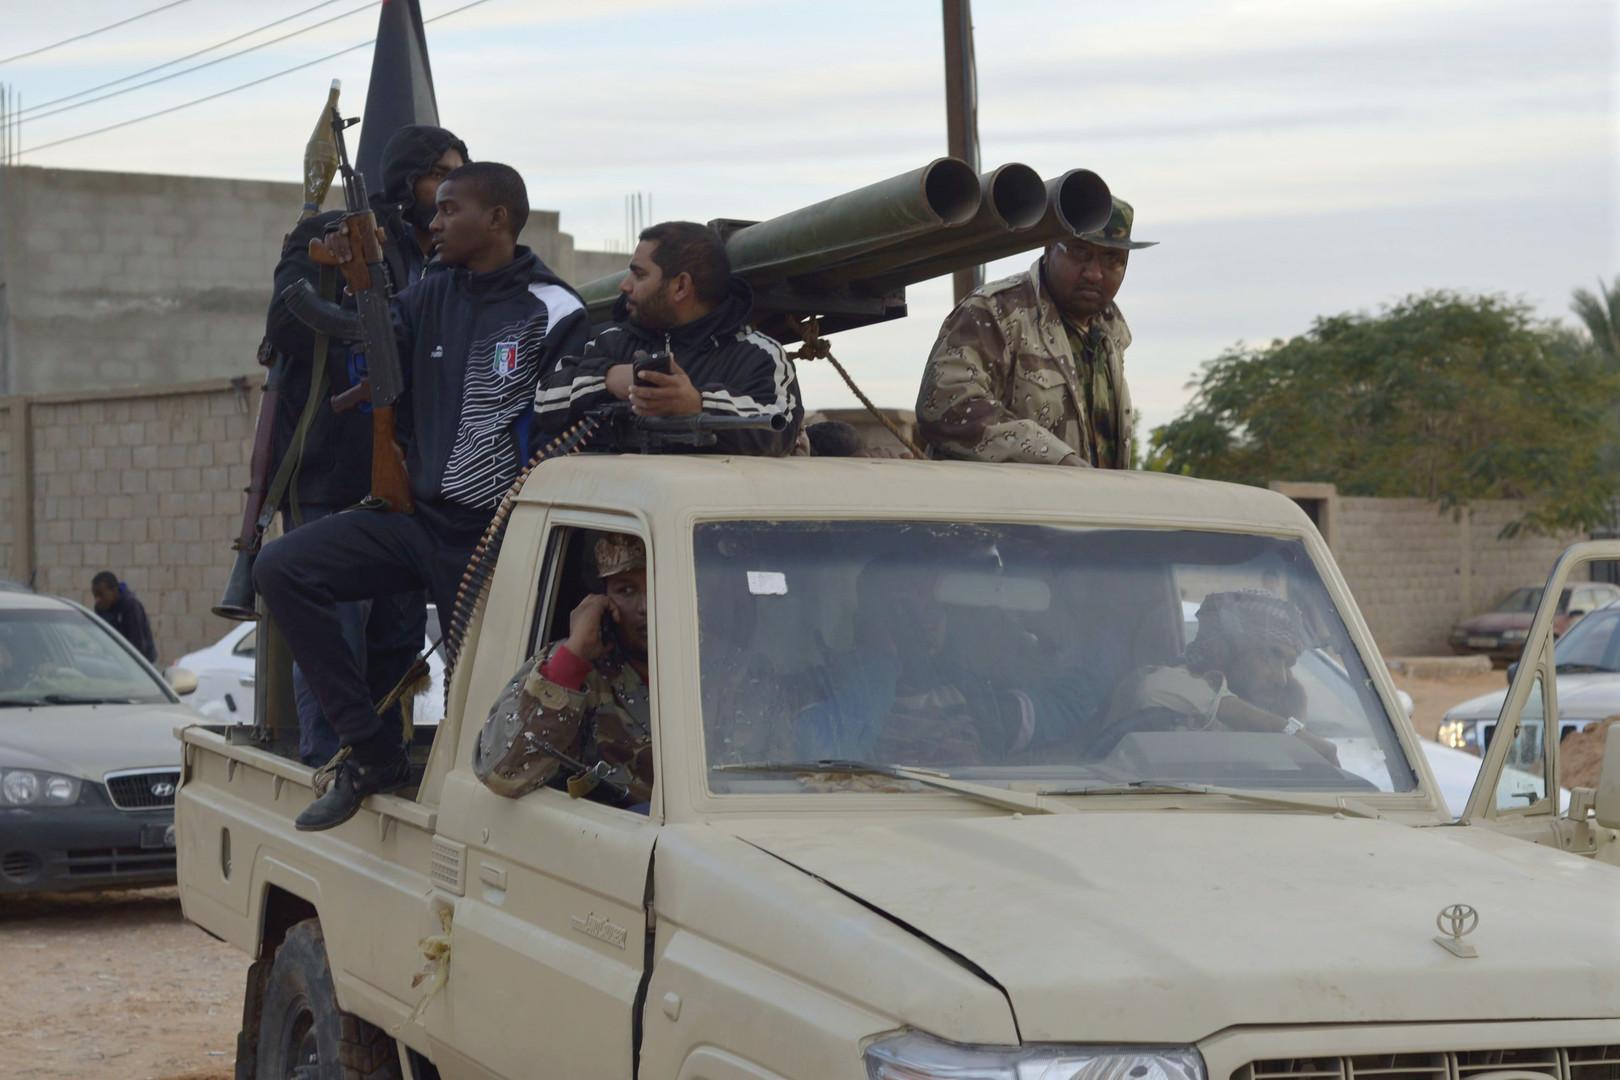 مقتل 13 شخصا بينهم أجانب بهجوم على حقل نفطي في ليبيا